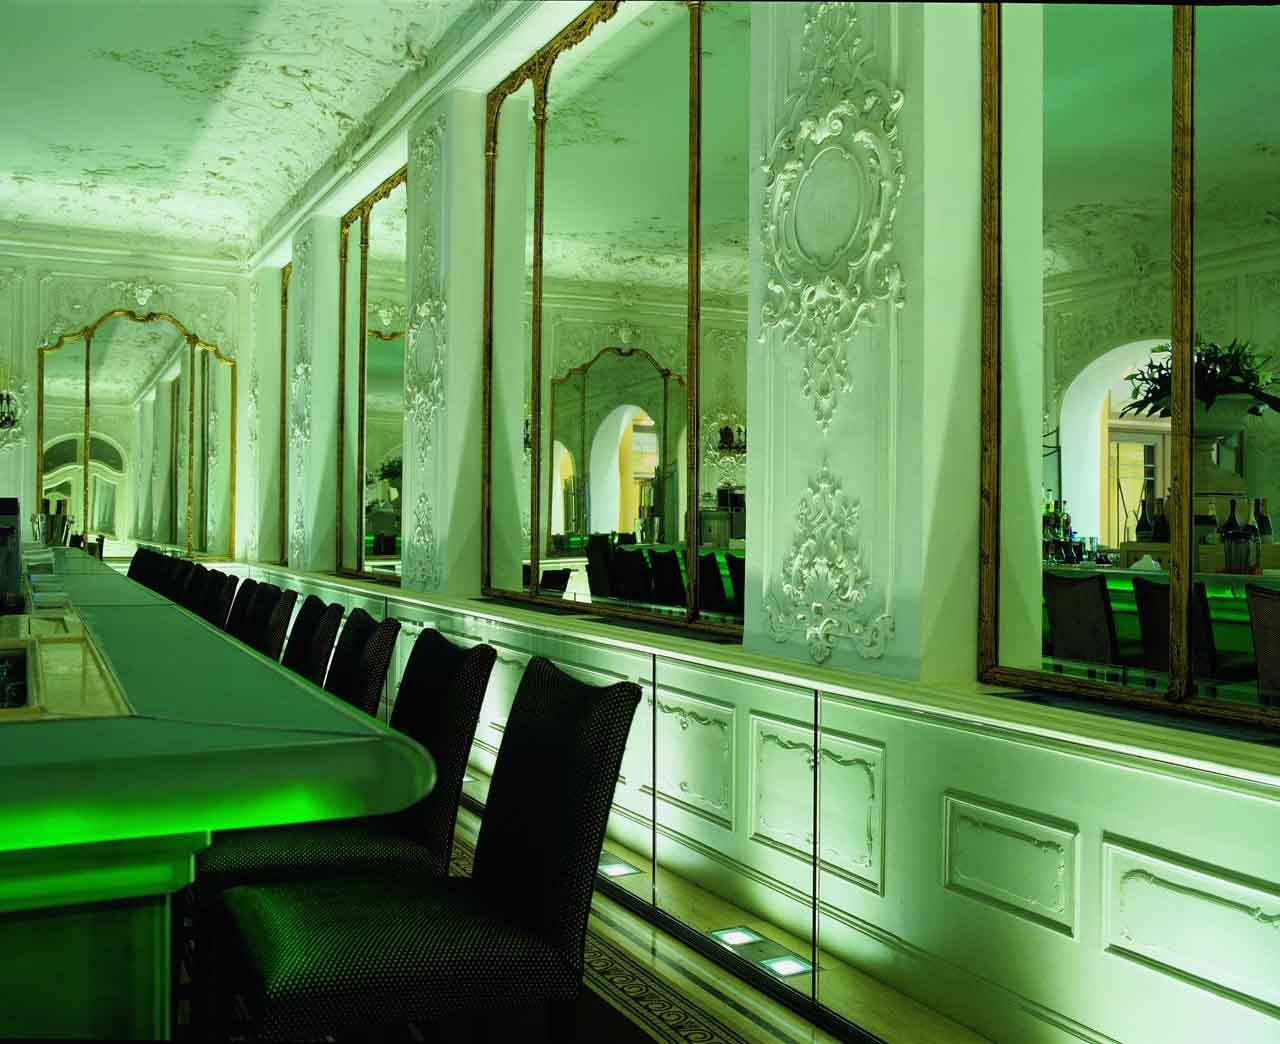 Hotel Astor Munchen Fruhstuck